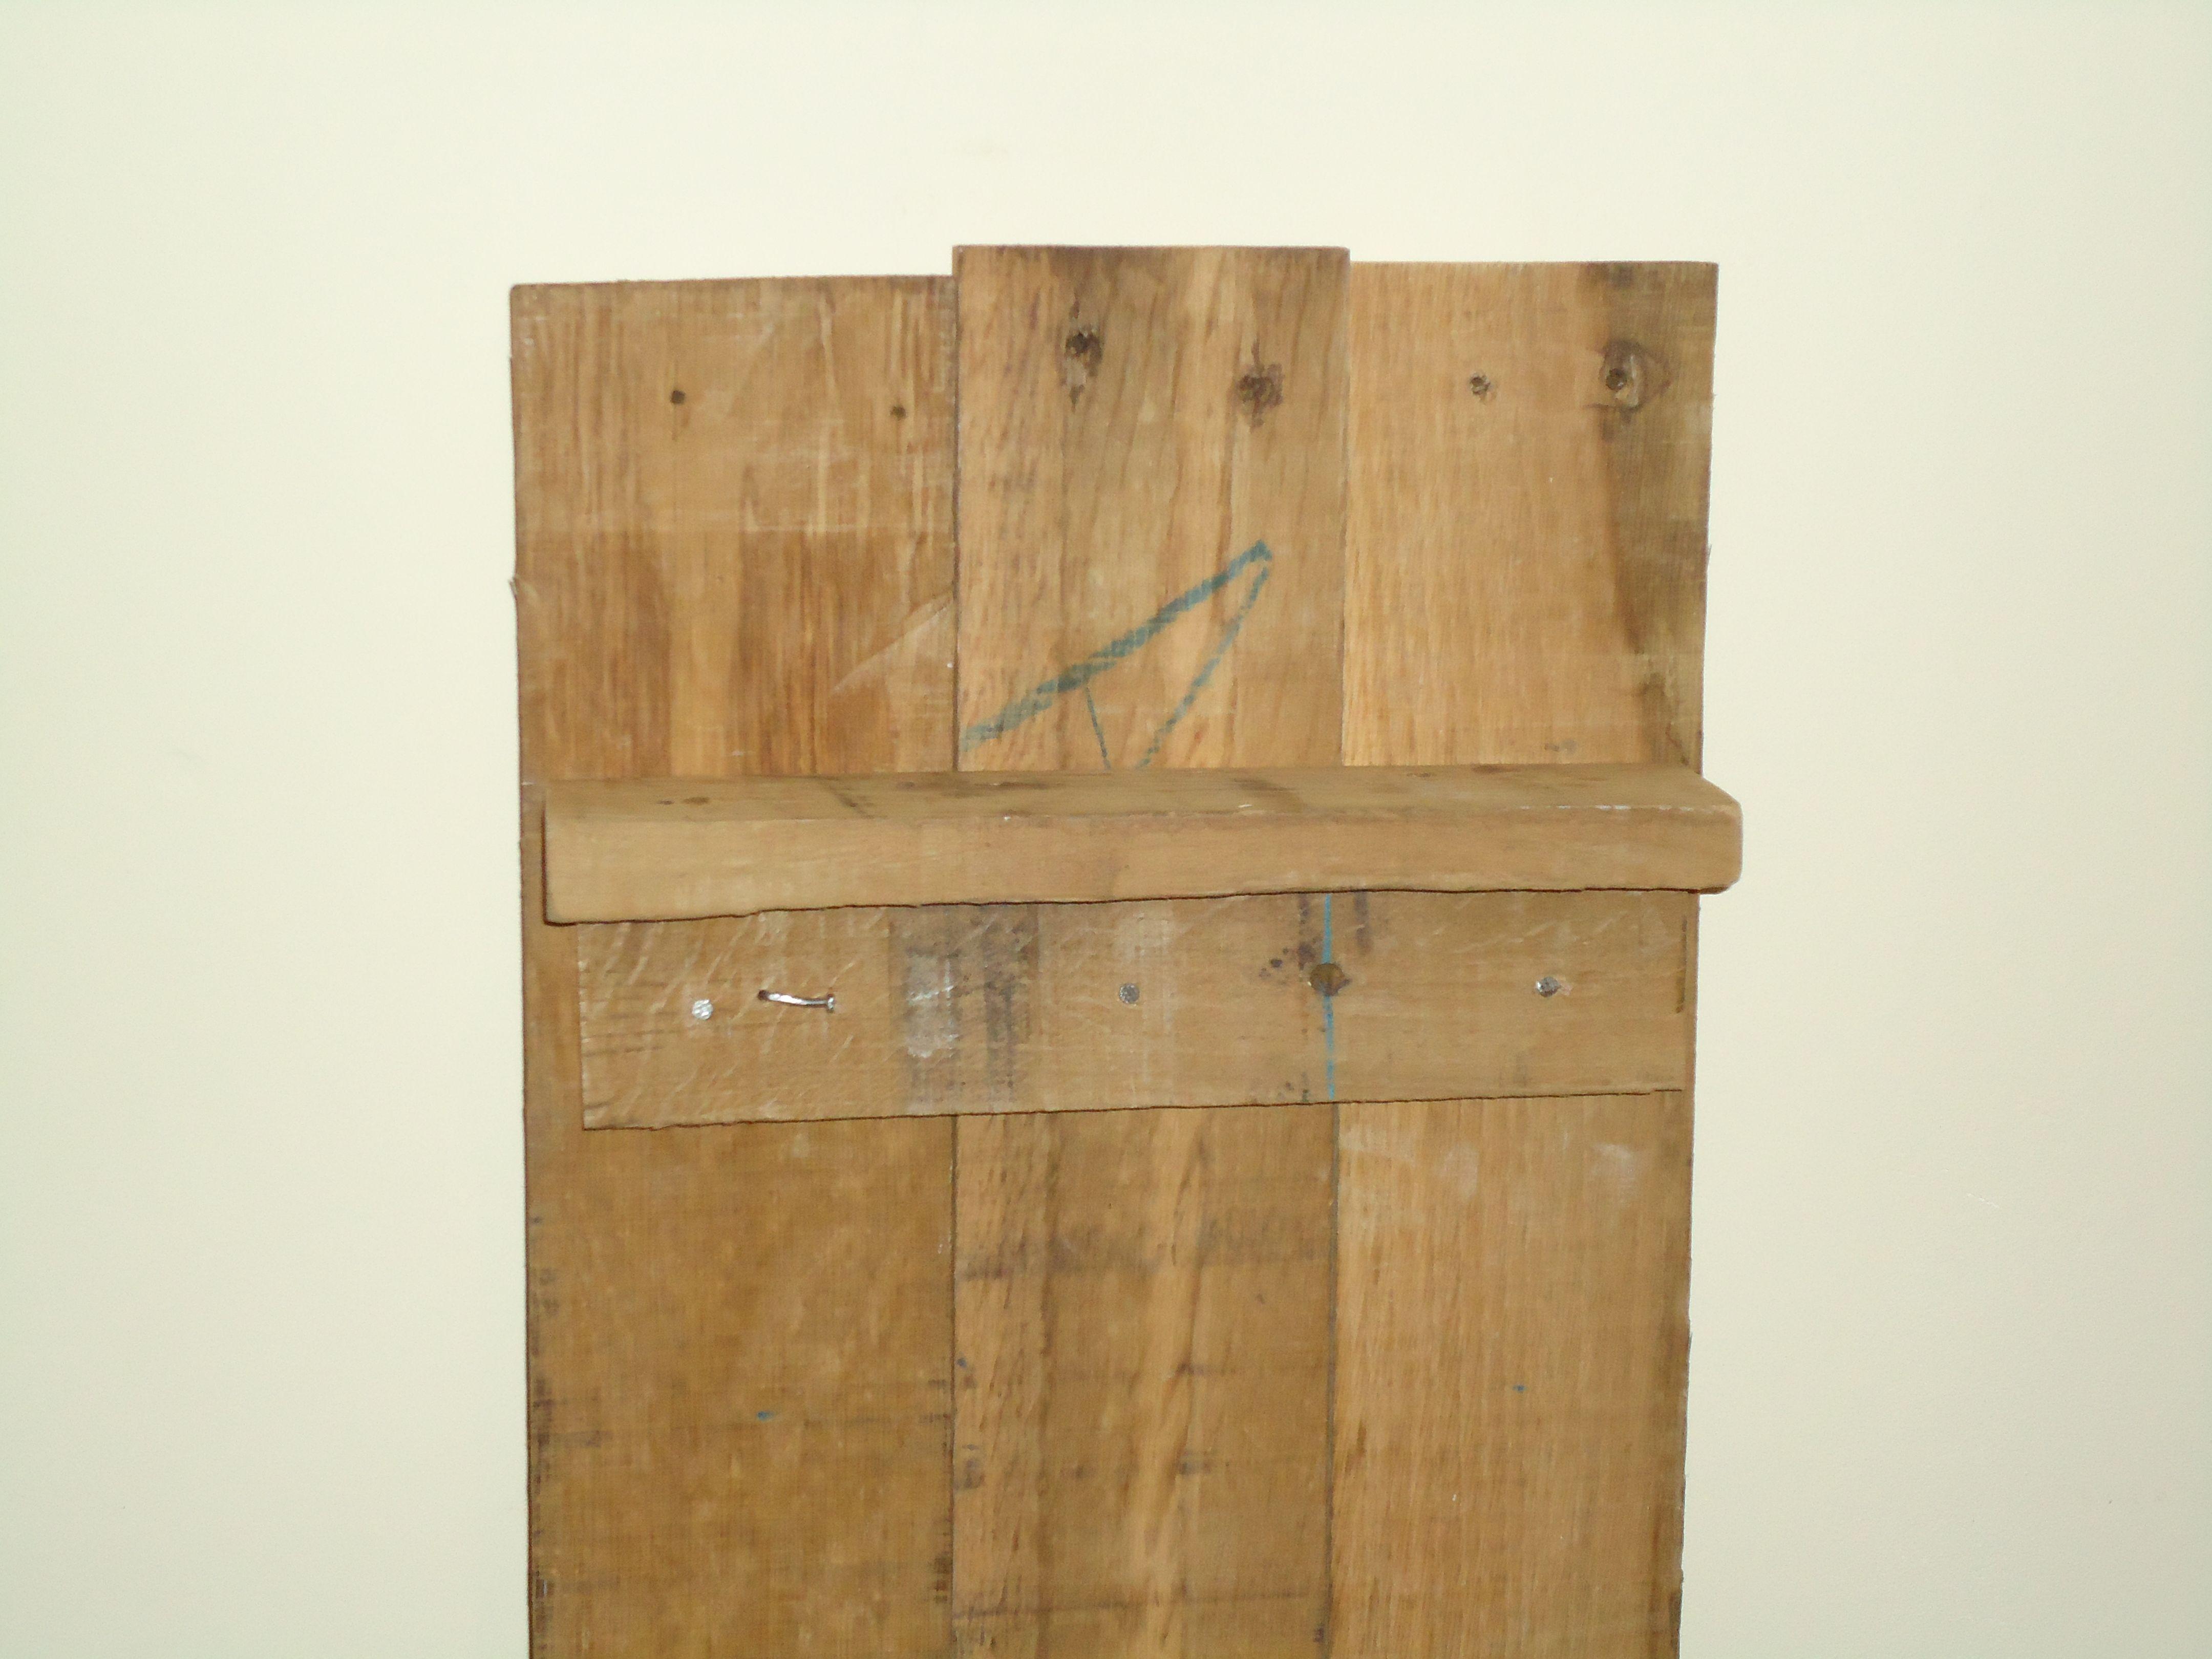 Mooie presentatiekast van oude eiken planken uniek met de hand